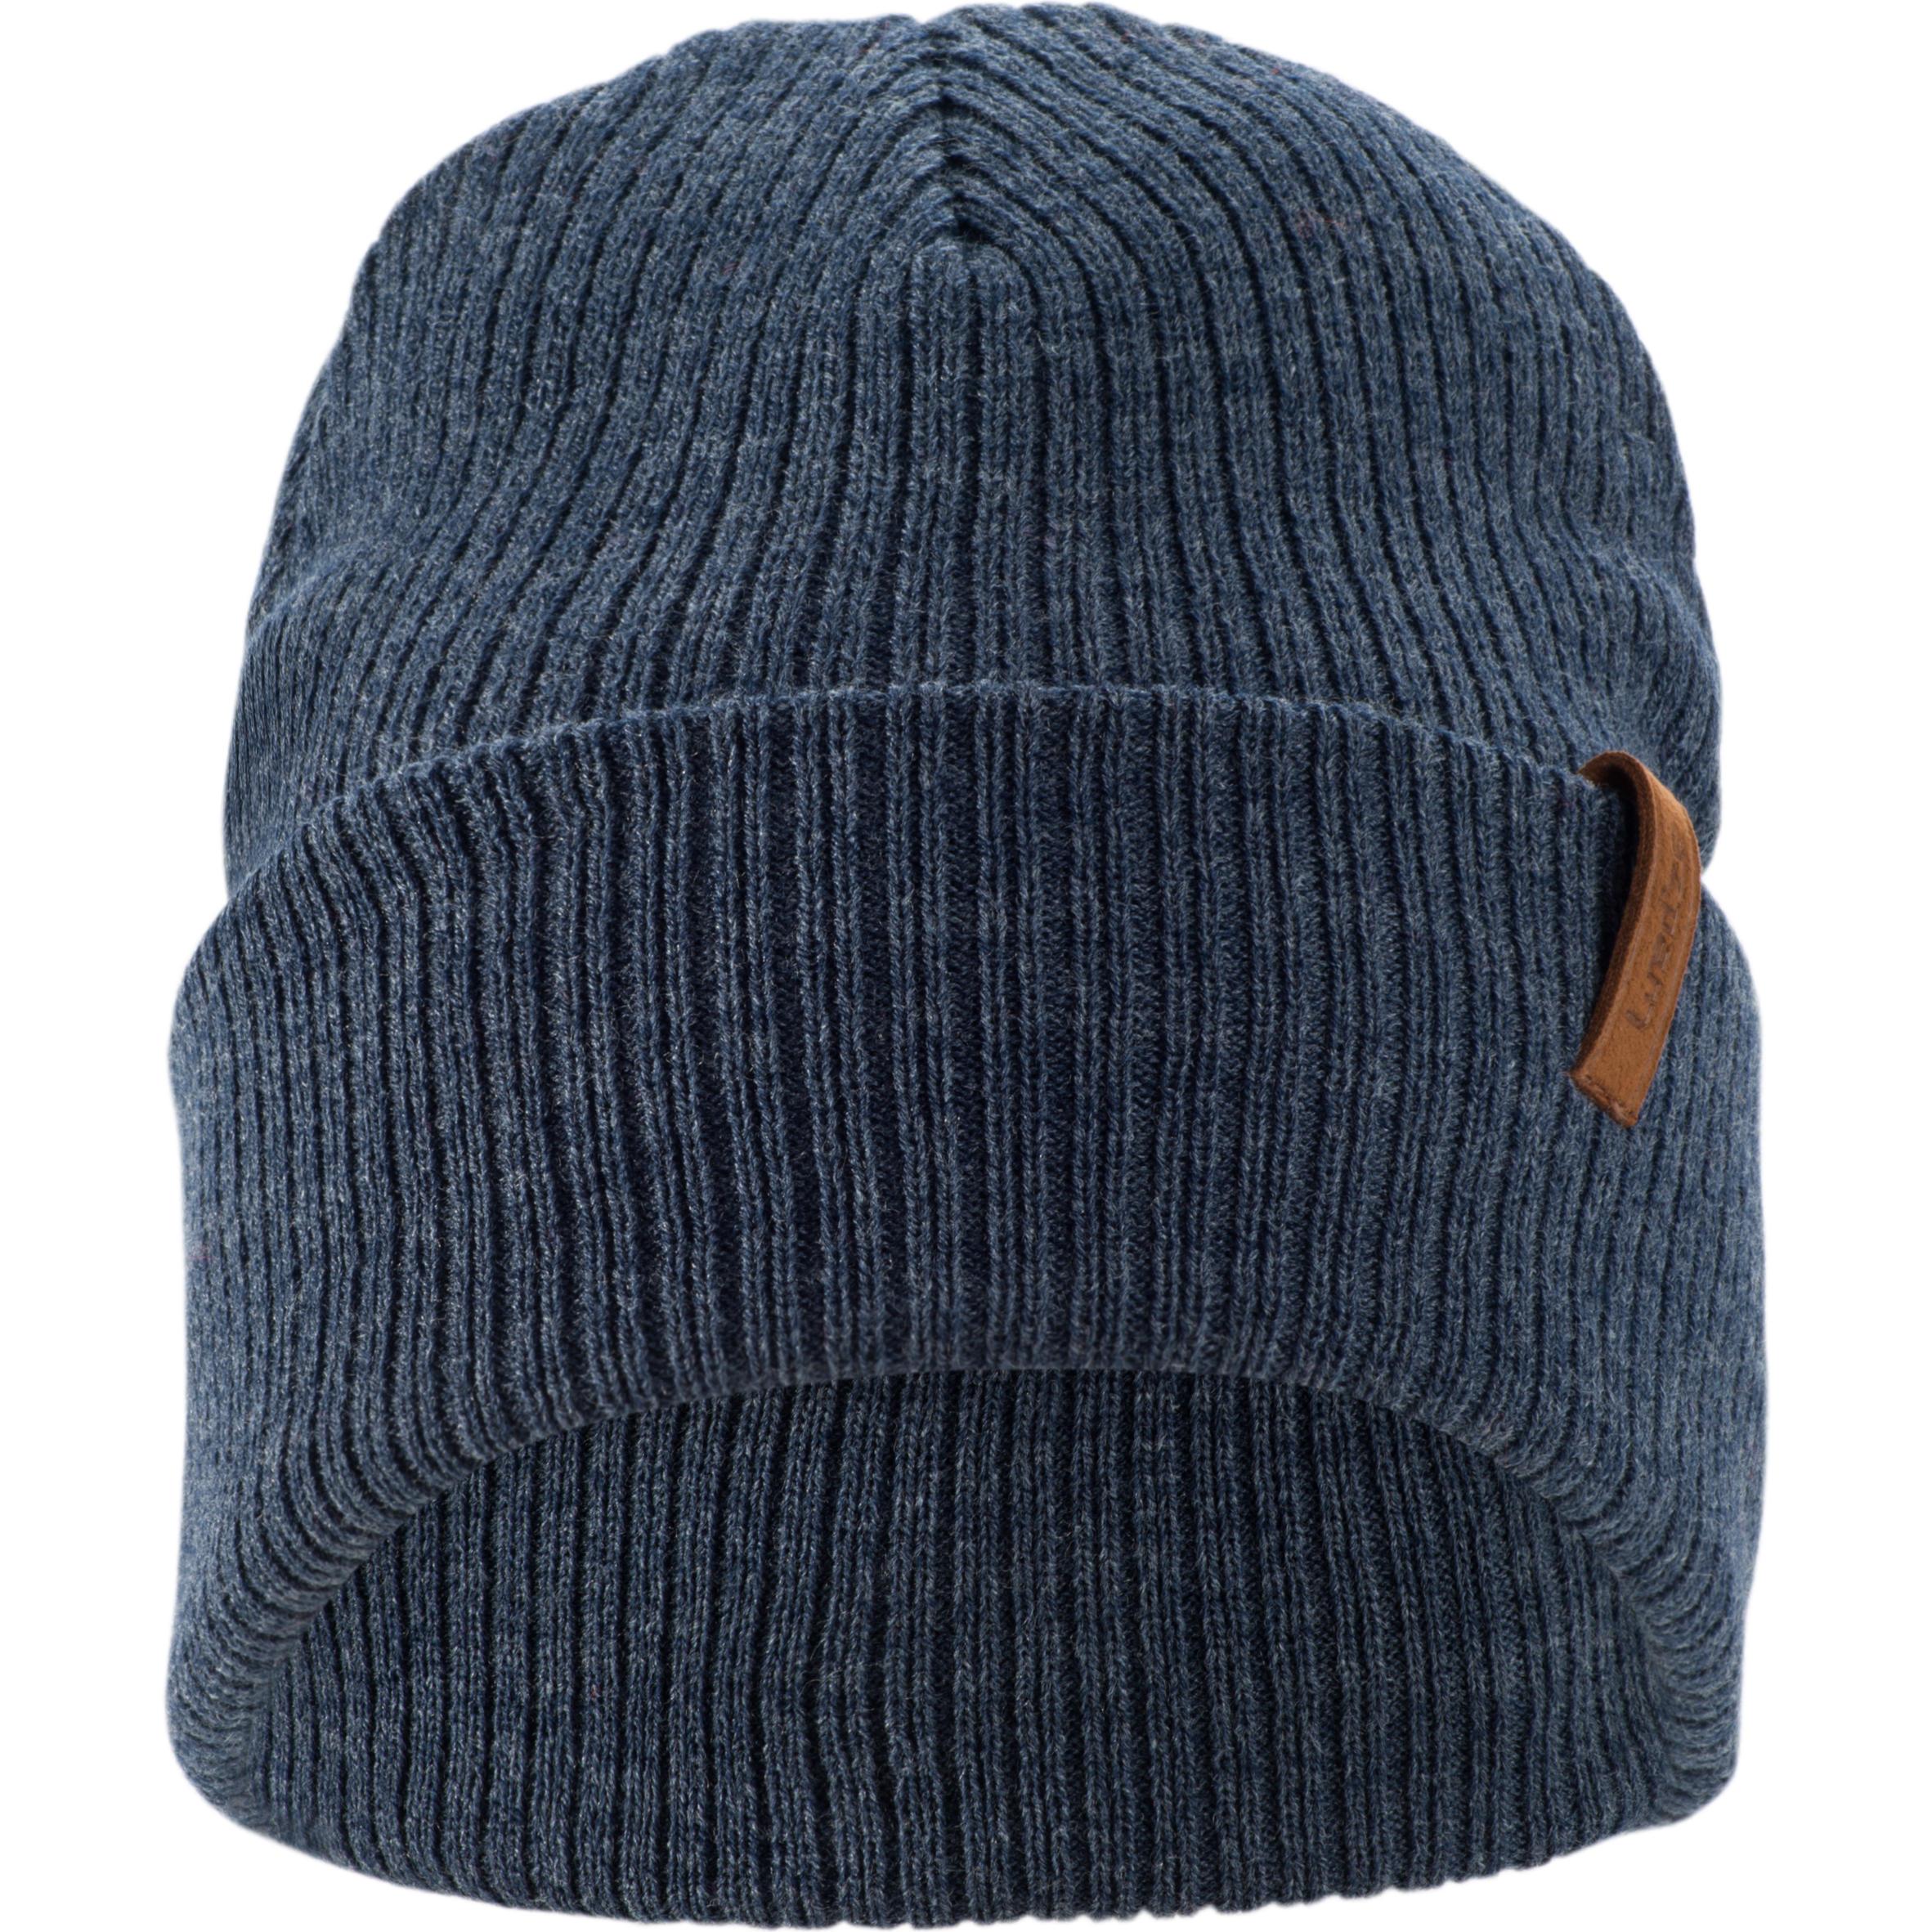 Fisherman Adult Ski Hat - Navy